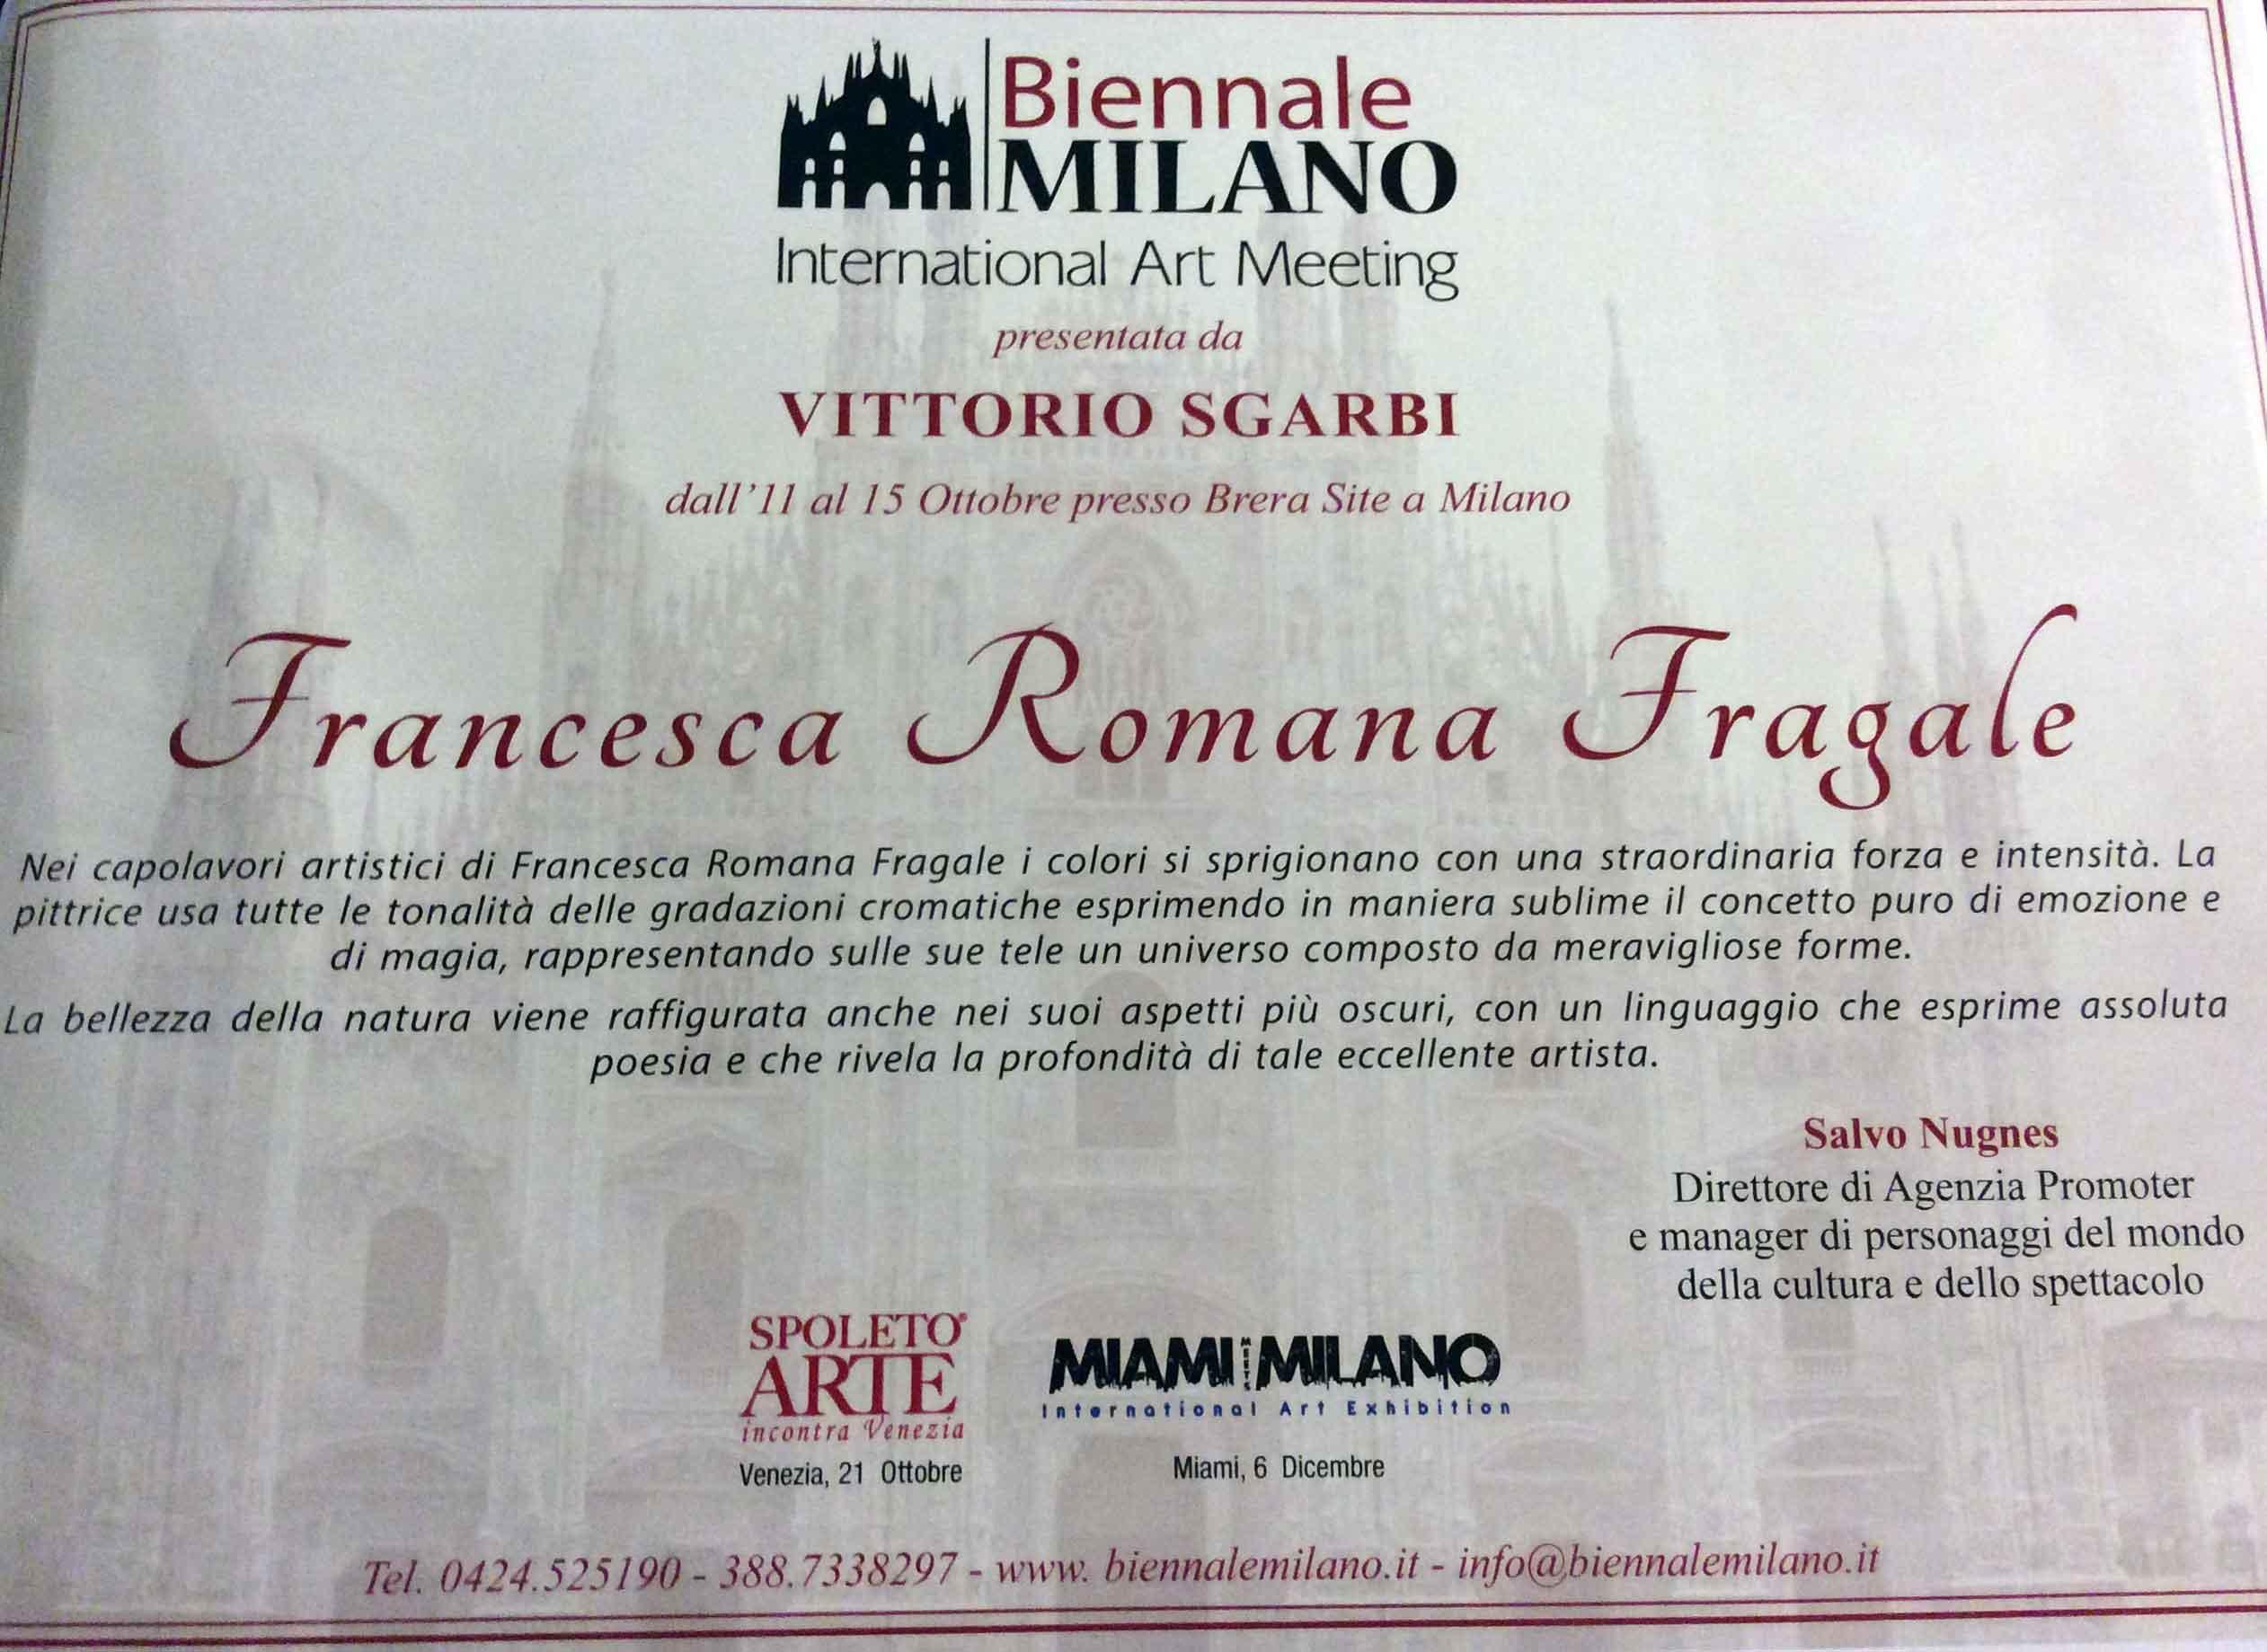 La Fragale pittrice alla Biennale di Milano